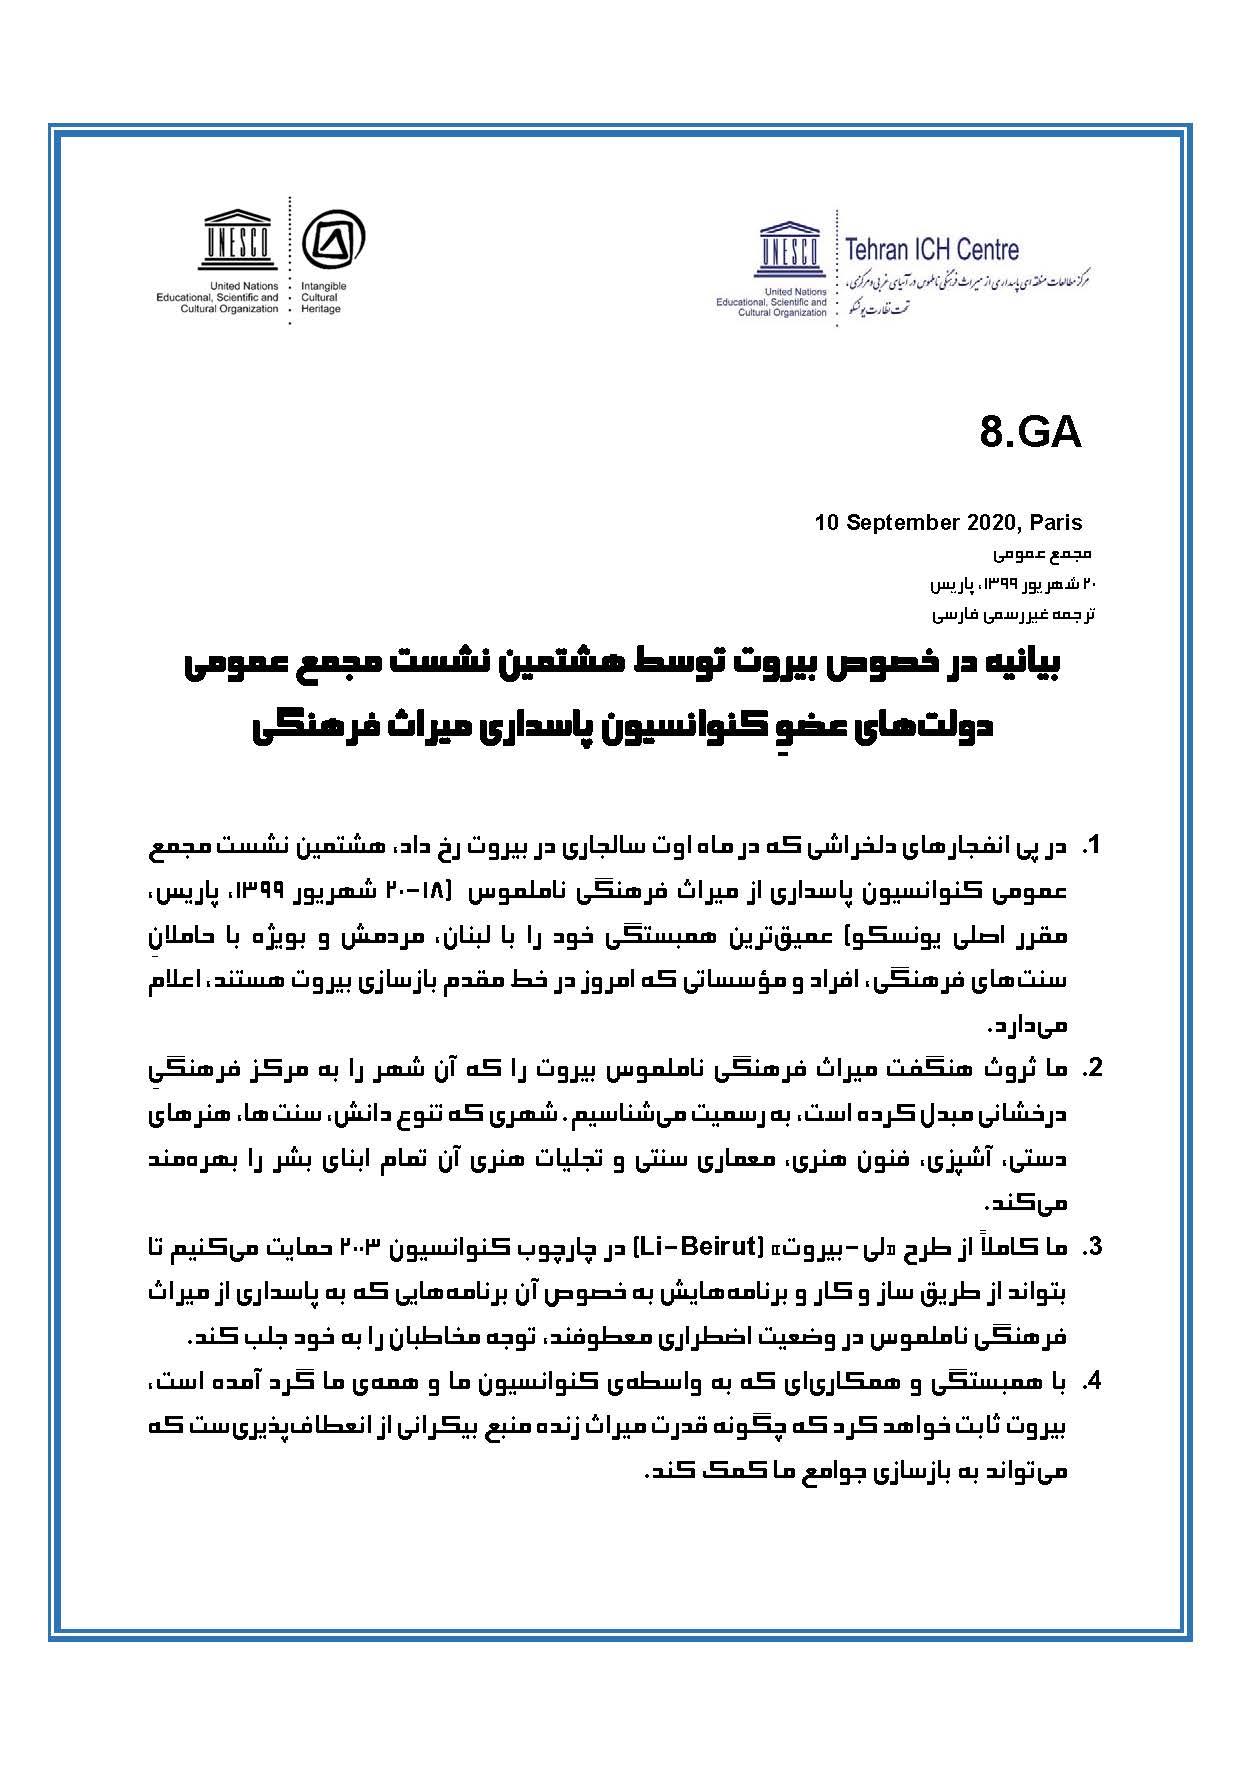 بیانیه در خصوص بیروت توسط هشتمین نشست مجمع عمومی دولتهای عضوِ کنوانسیون پاسداری میراث فرهنگی